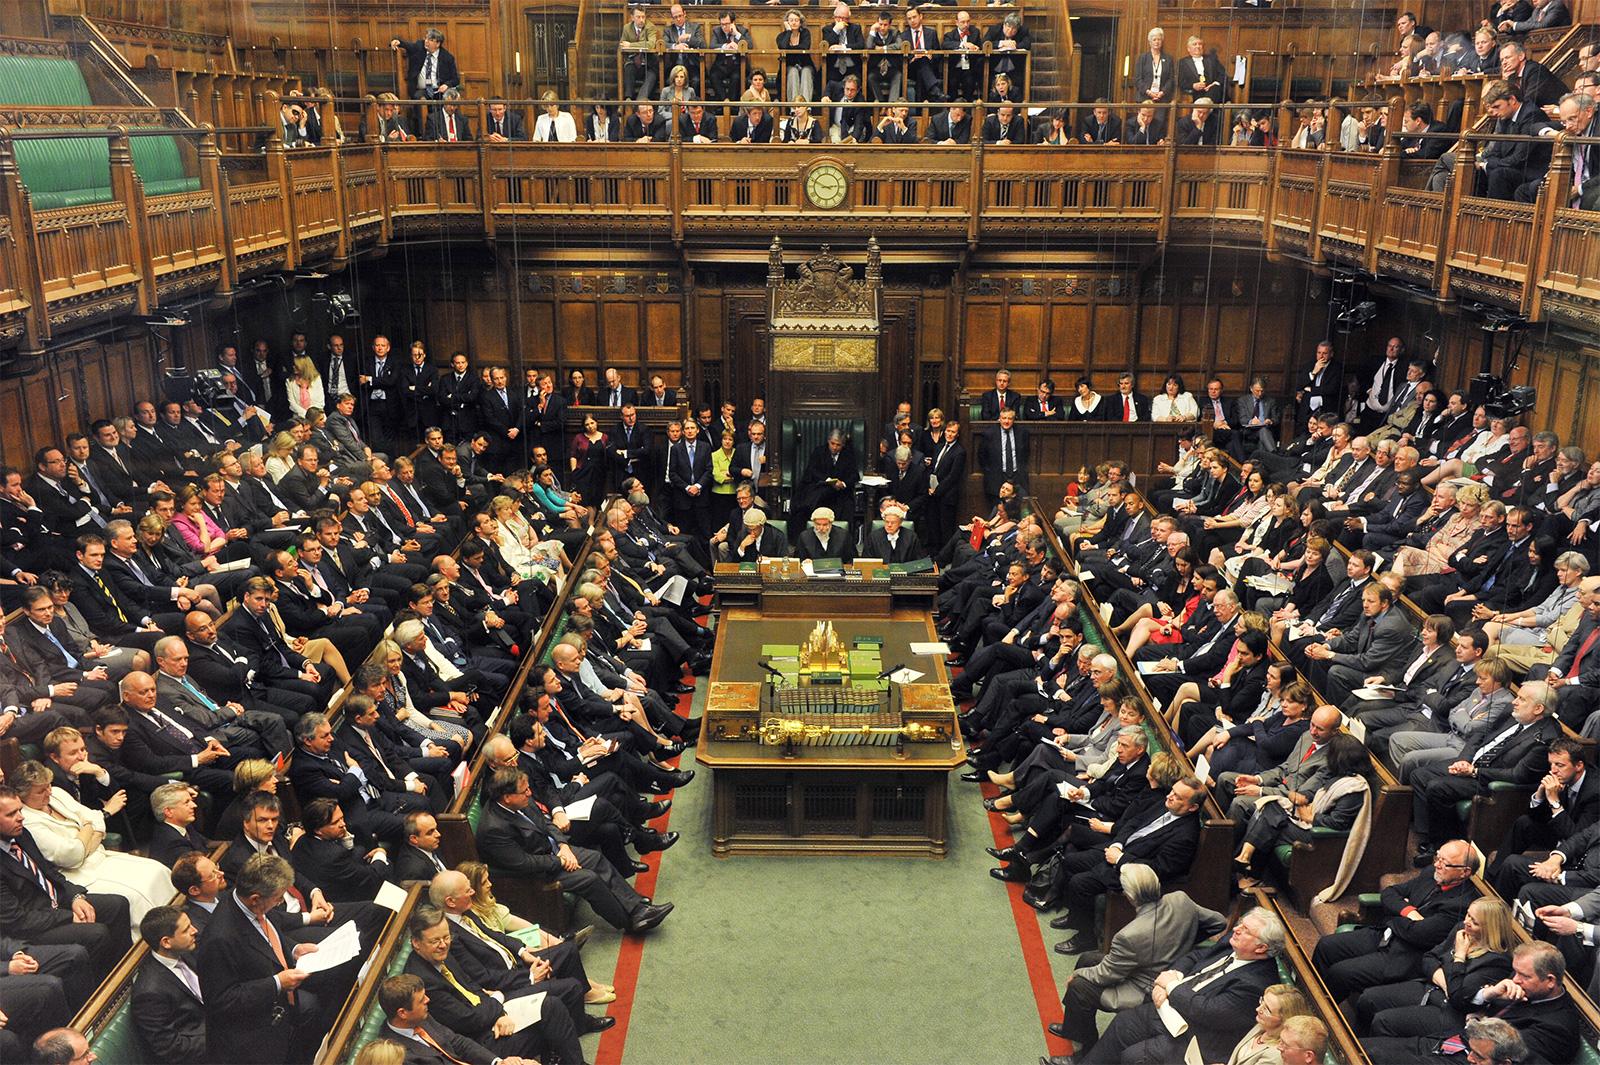 क्यों उठा ब्रिटेन की संसद में कश्मीर का मुद्दा?